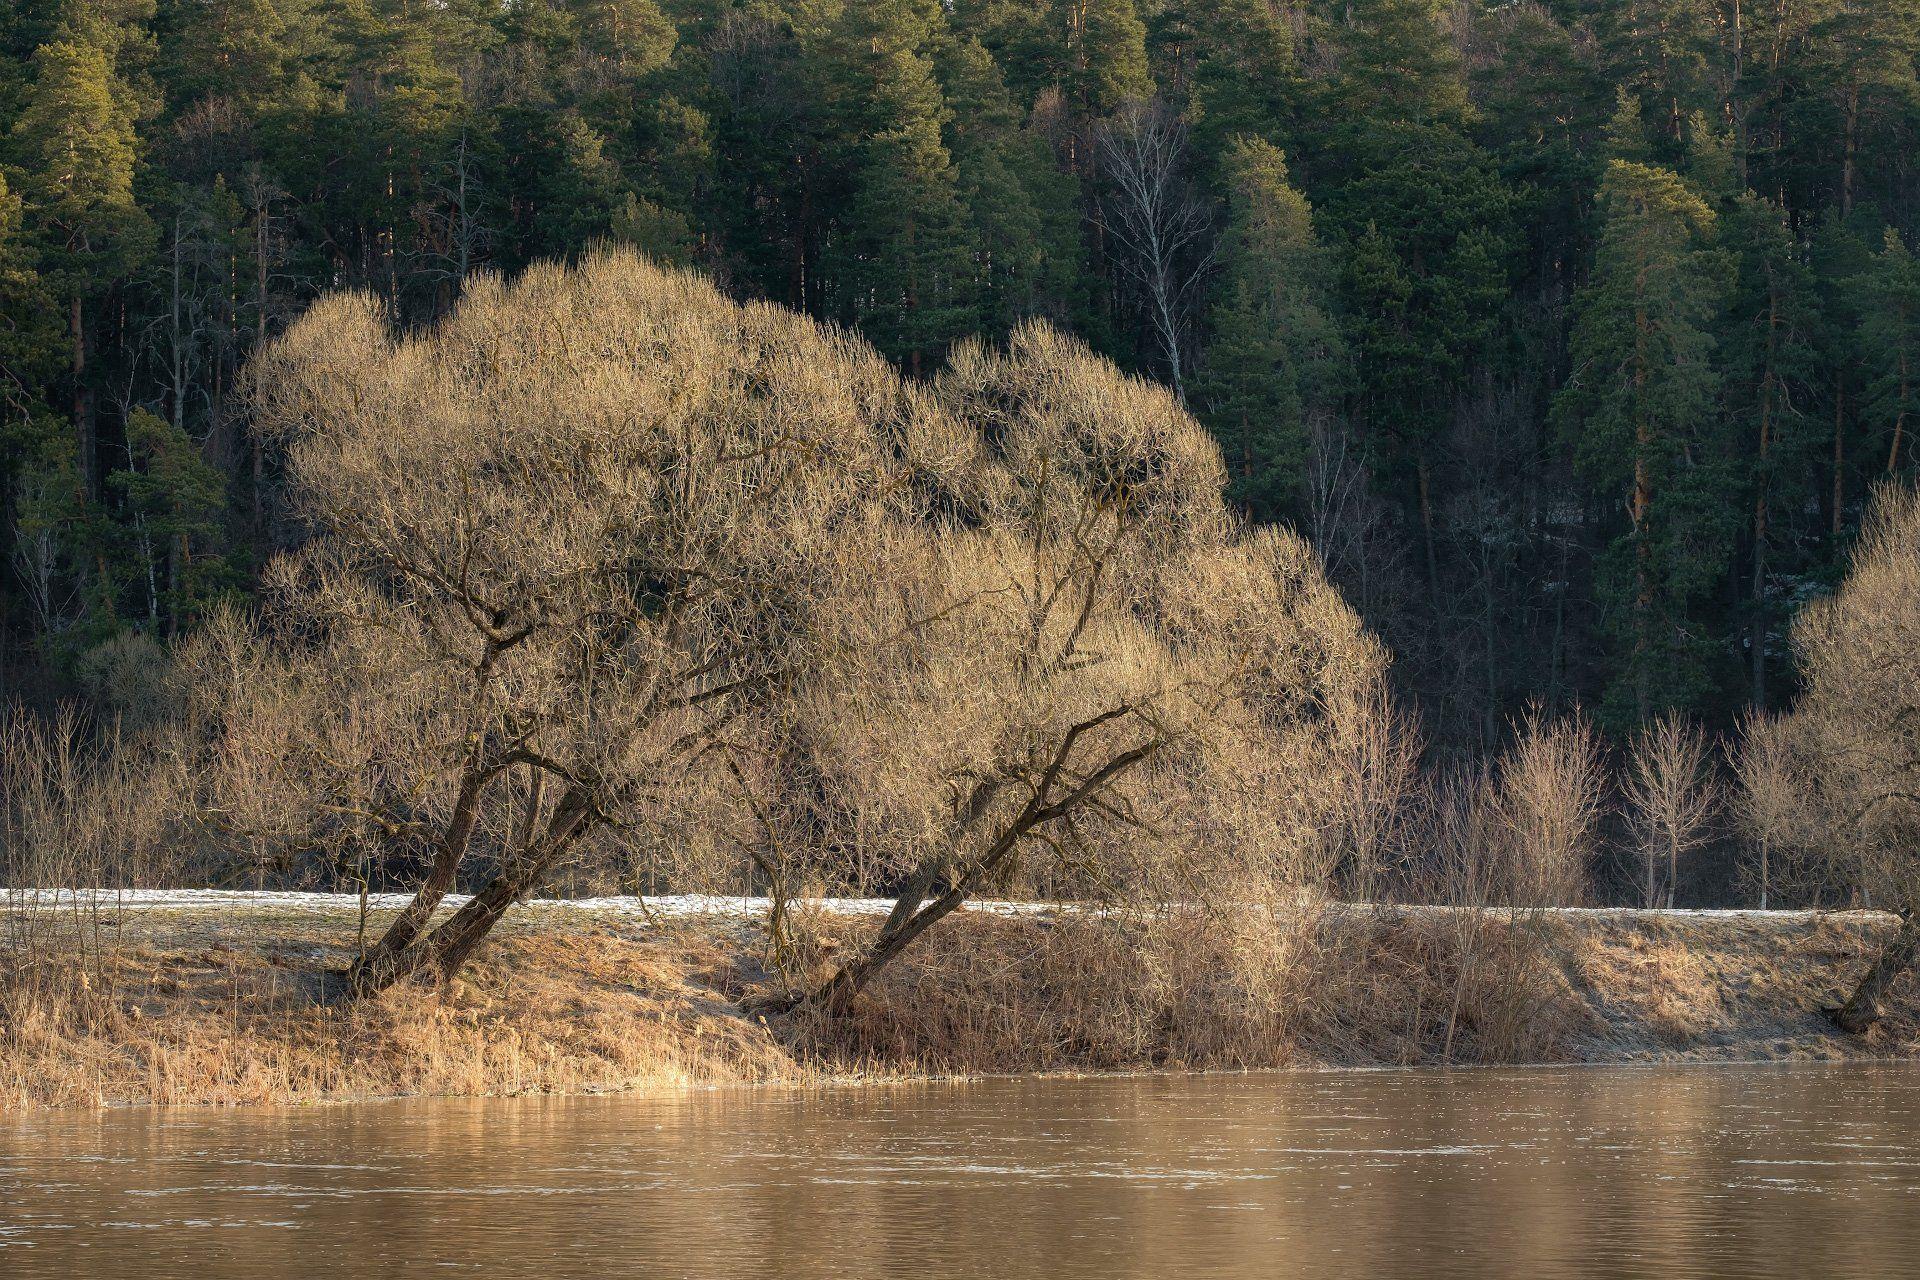 пейзаж, весна, берег, река, разлив, снег, пахра, лес, деревья, подольск, Андрей Чиж